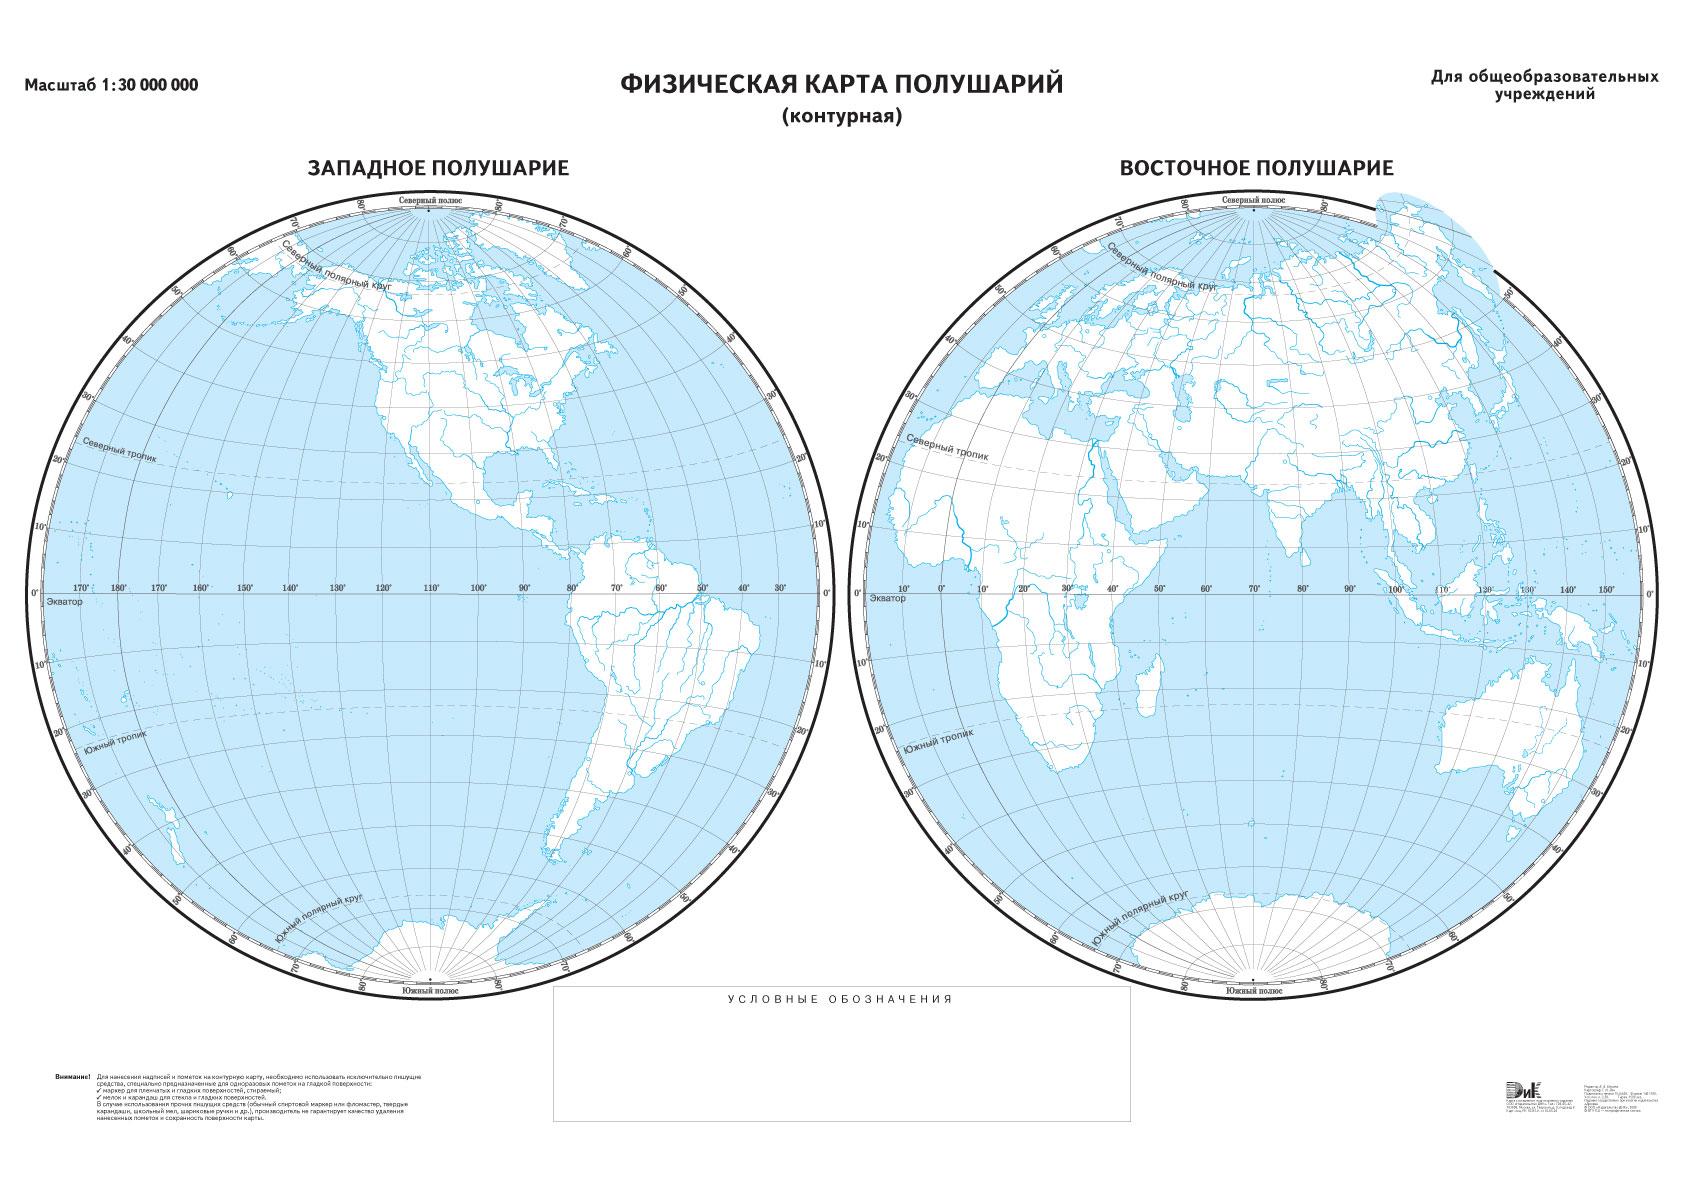 Готовая карта полушарий за 6 класс